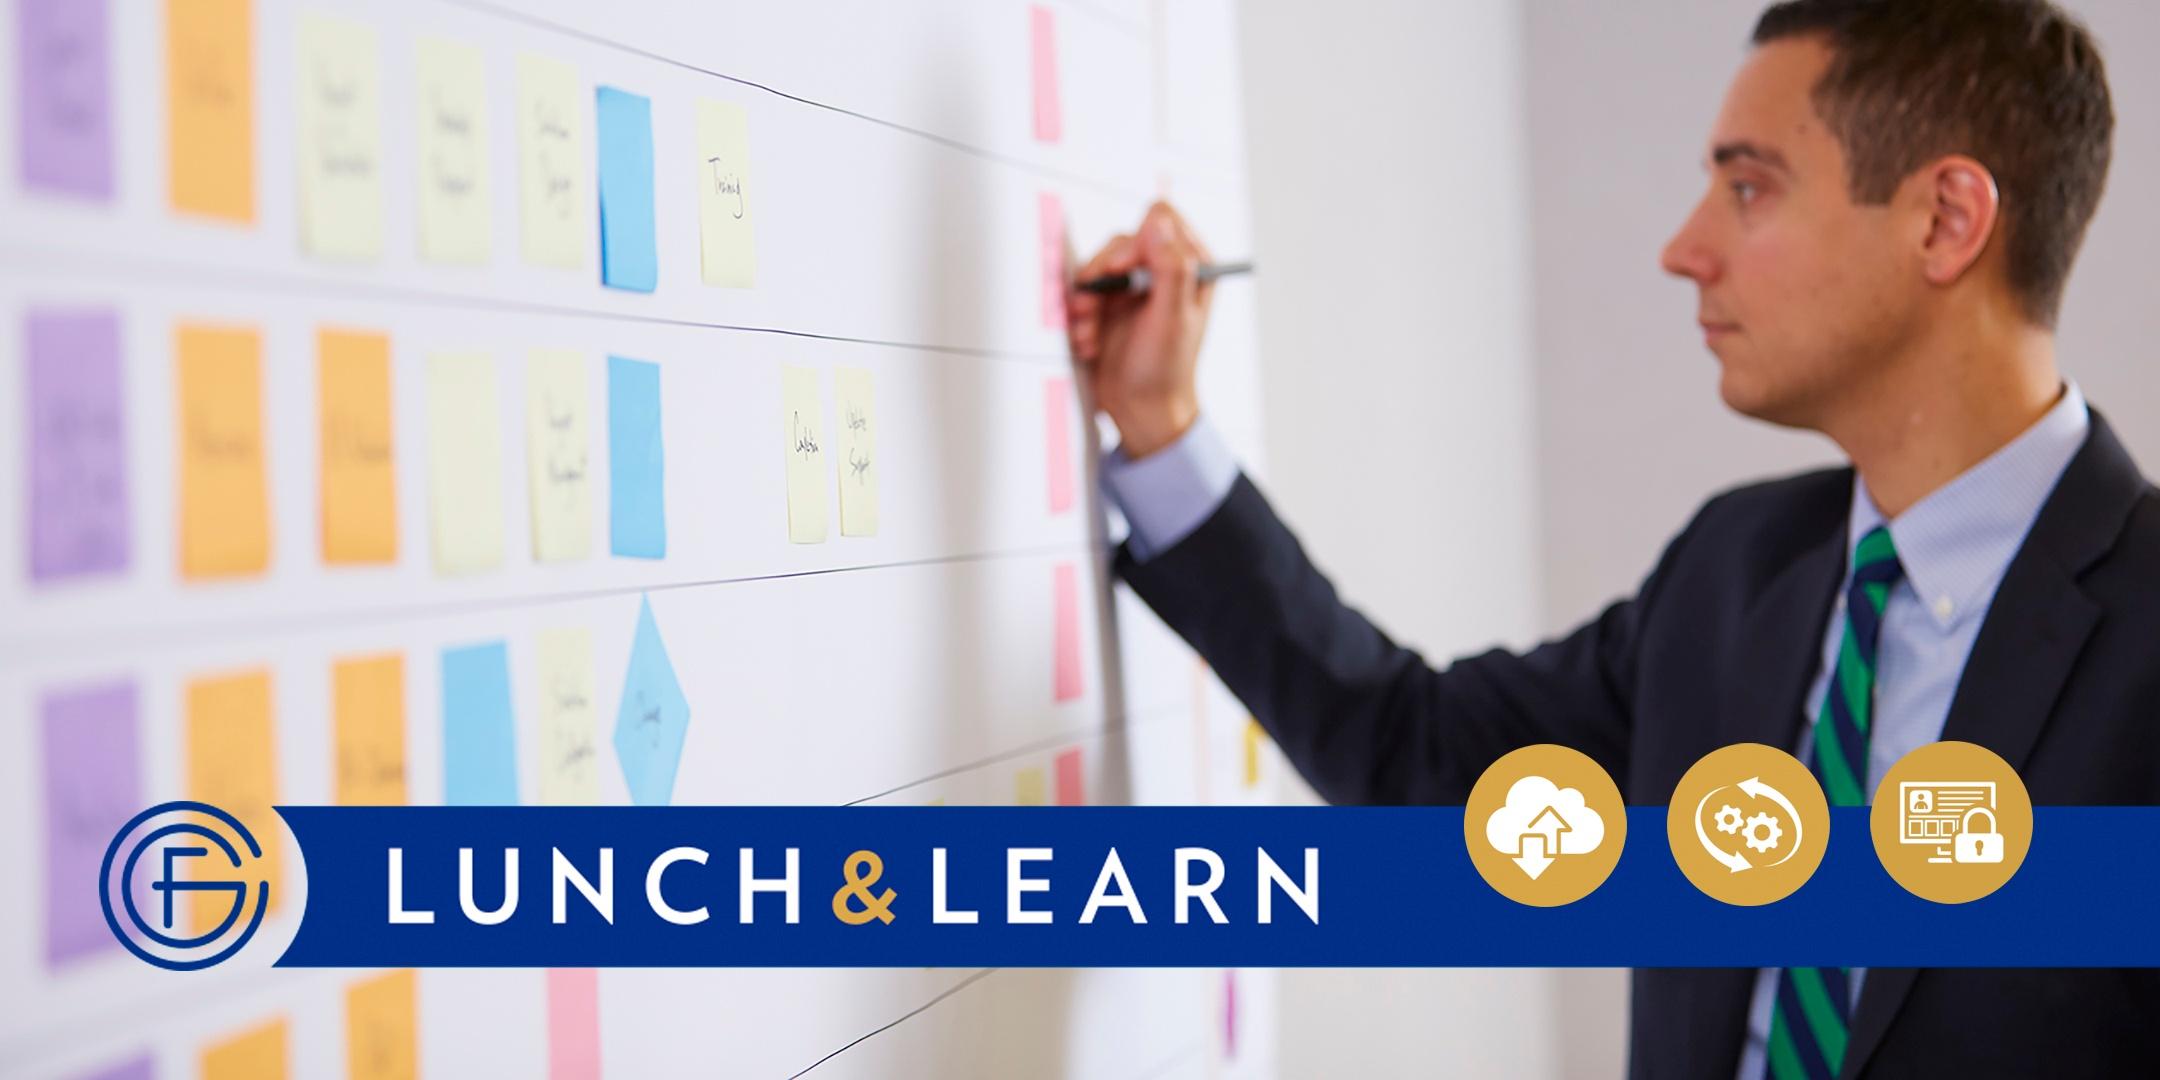 GFC Lunch & Learn